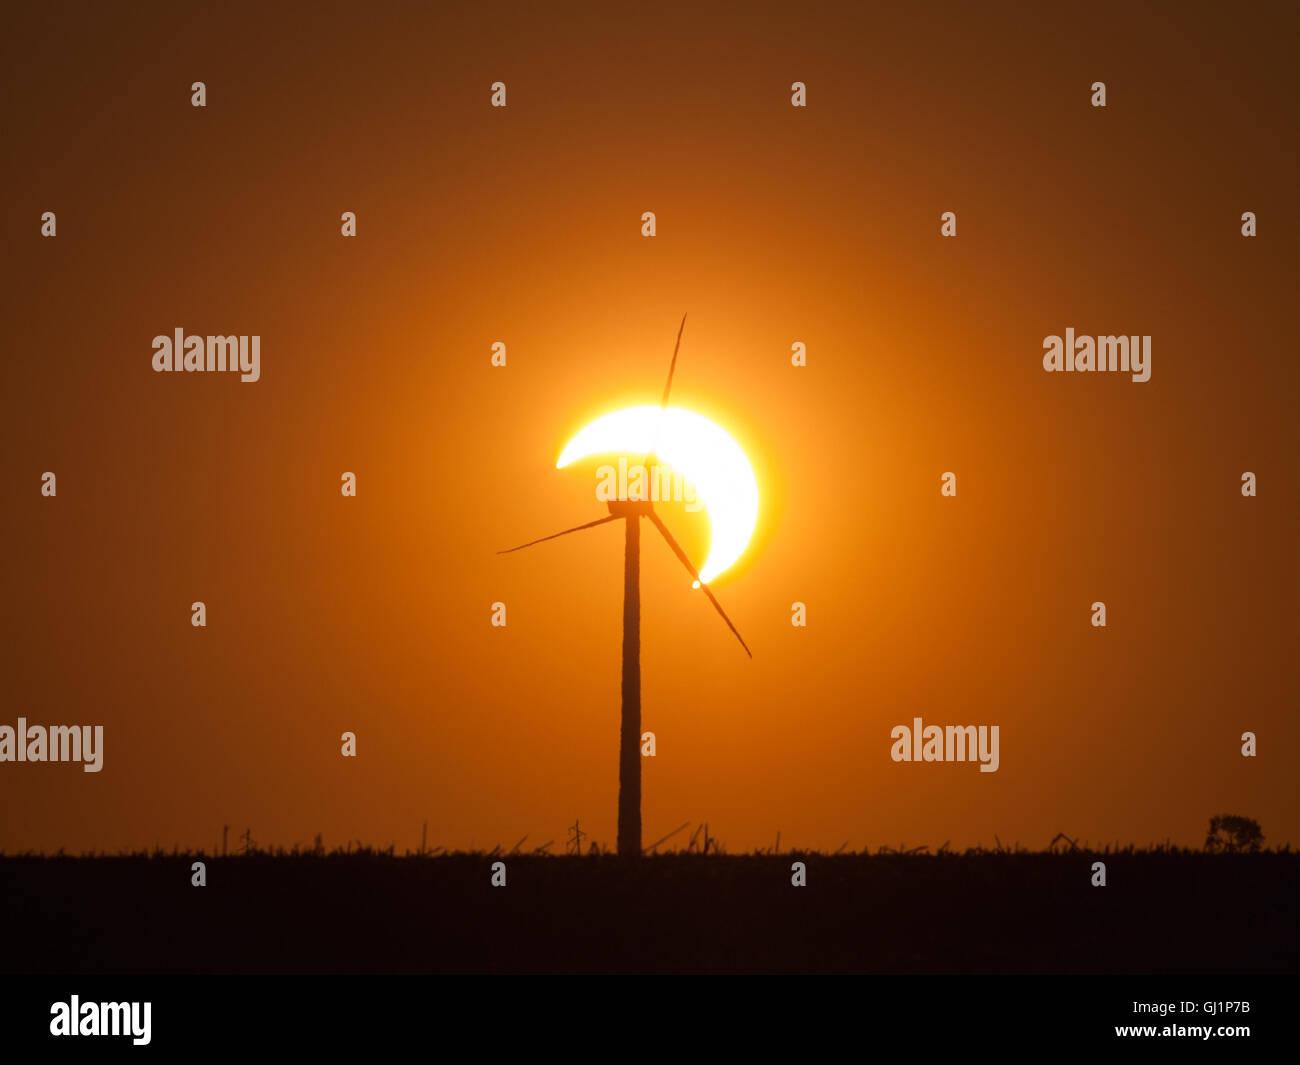 Windturbine und Sonnenfinsternis Stockbild